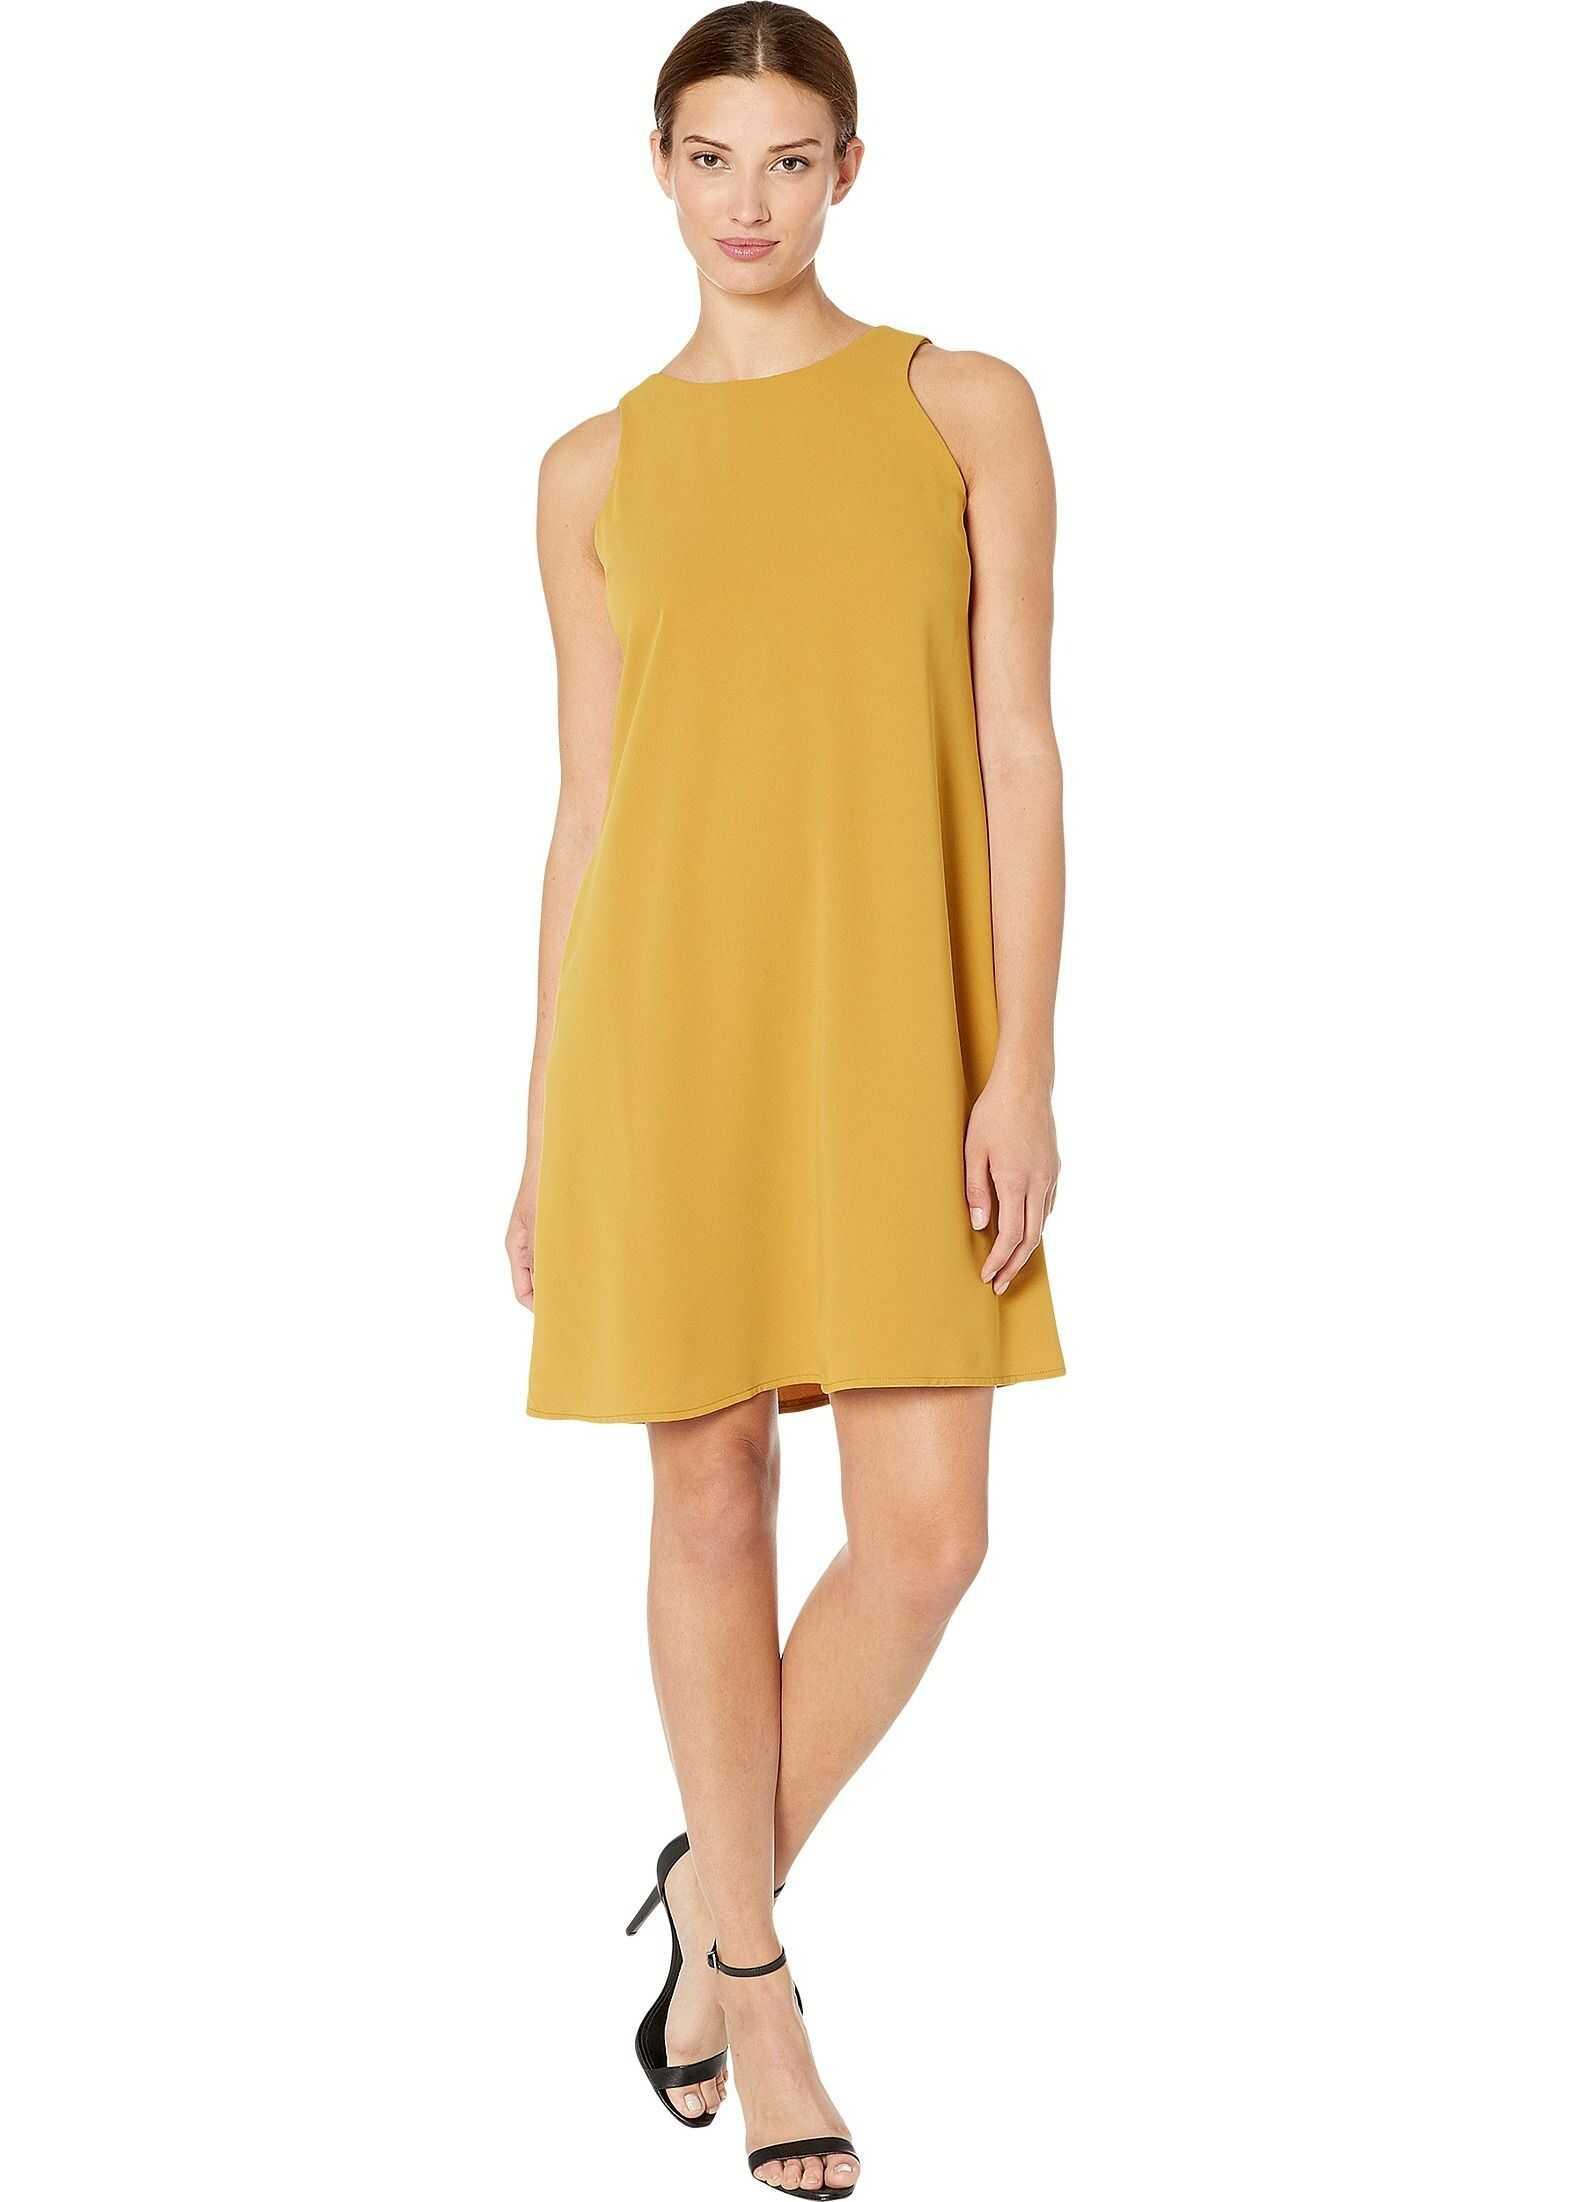 Nine West Soft Crepe Sleeveless Trapeze Dress Amber